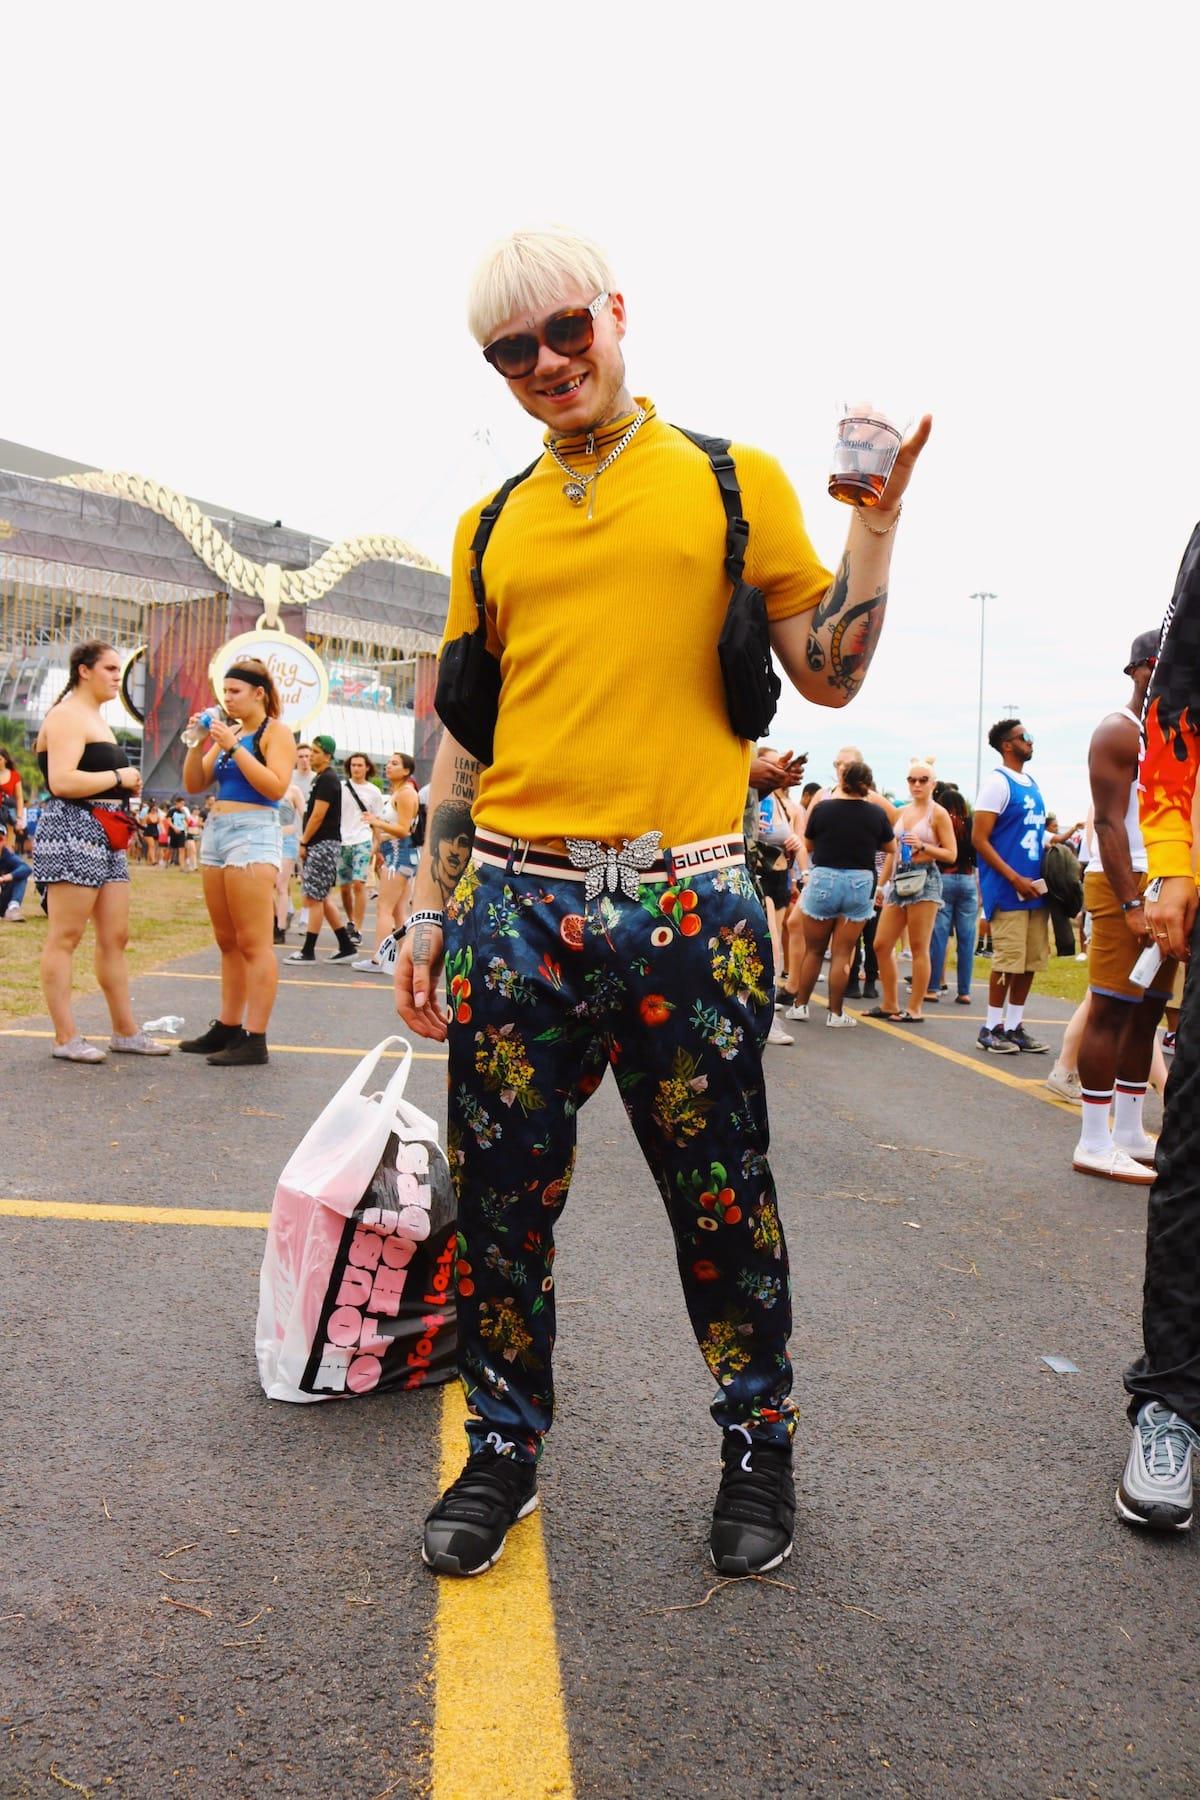 世界No.1ヒップホップフェス<Rolling Loud 2018>ファッションスナップ到着!最新のストリートスタイルをチェック! music180531_rollingloud_7-1200x1800